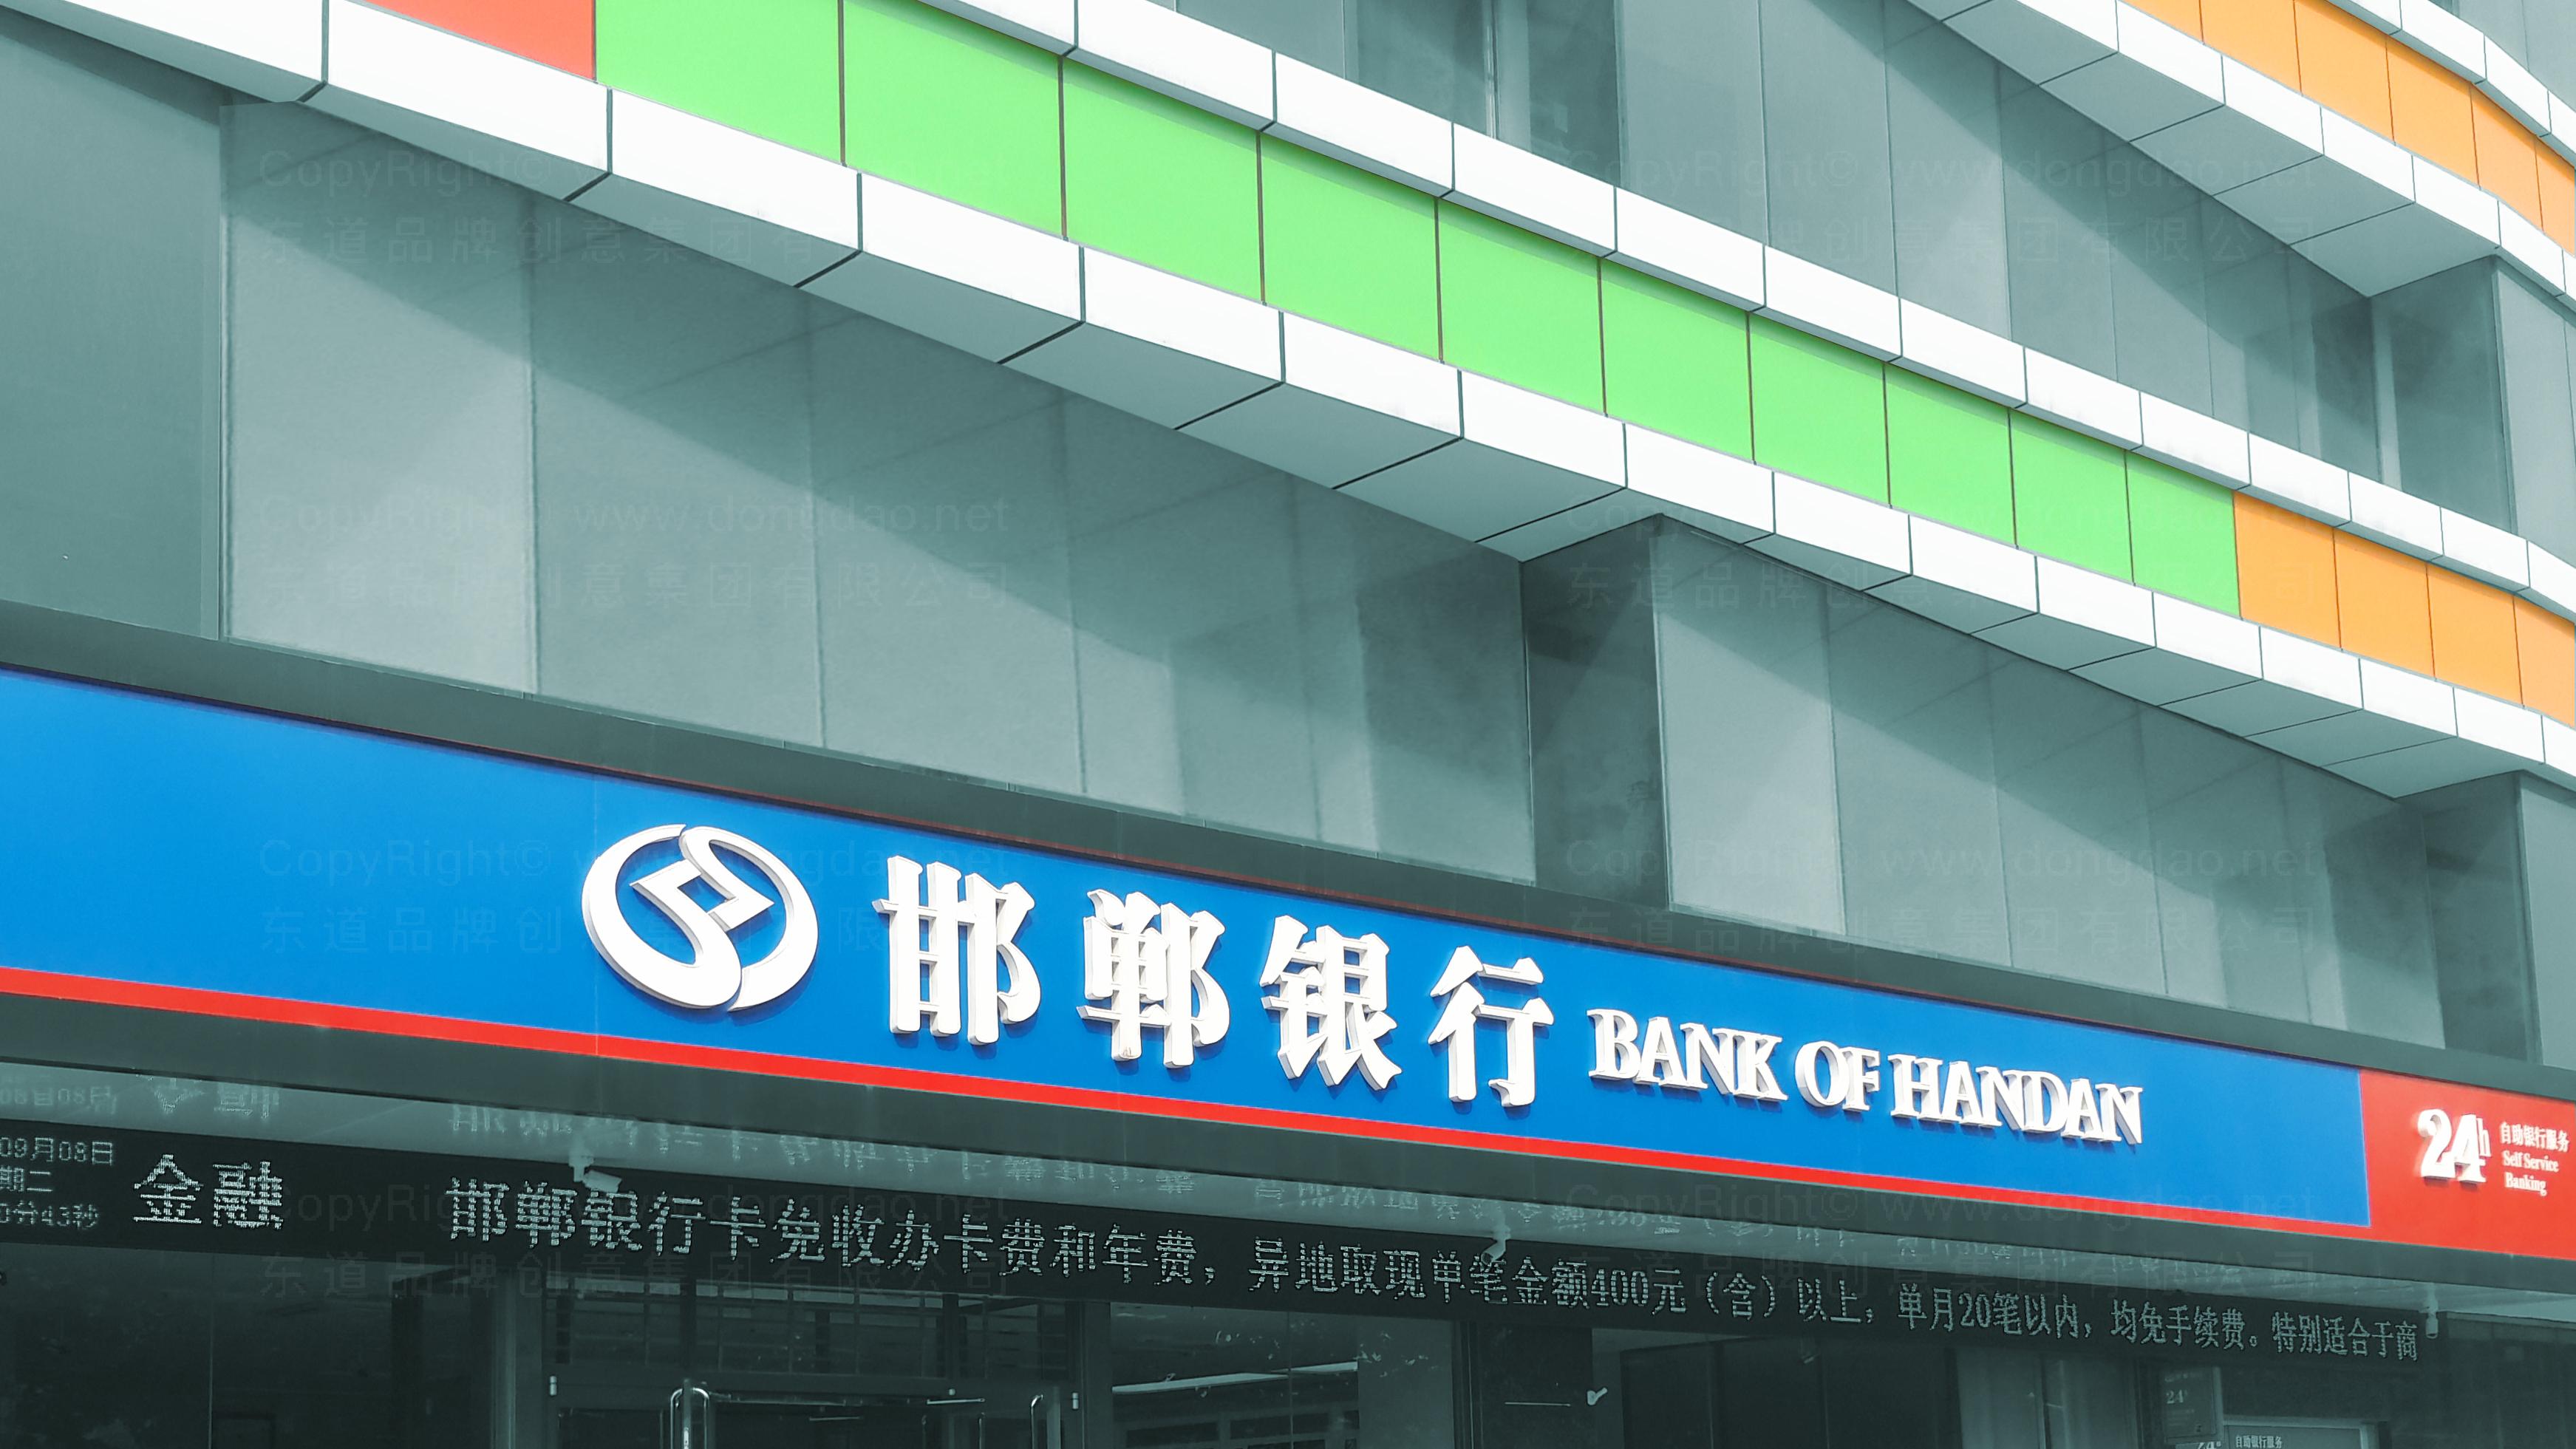 落地工程邯郸银行标识工程应用场景_29